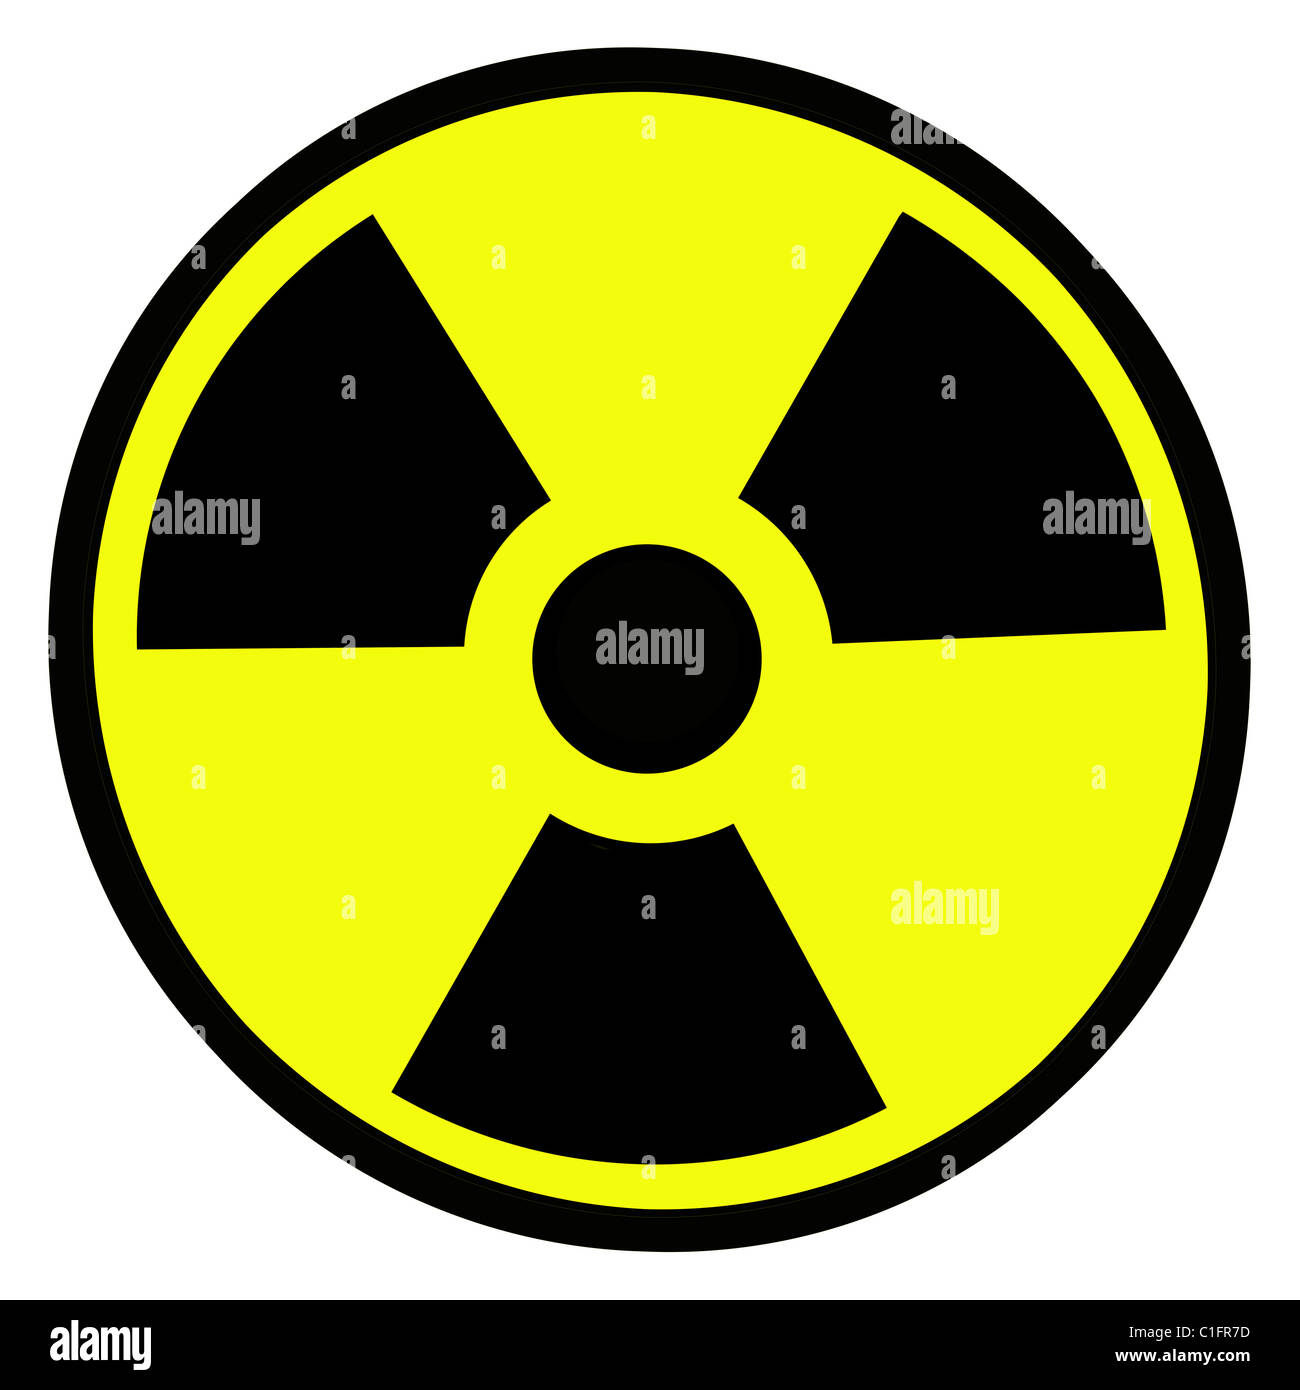 Round radiation warning sign on white background - Stock Image